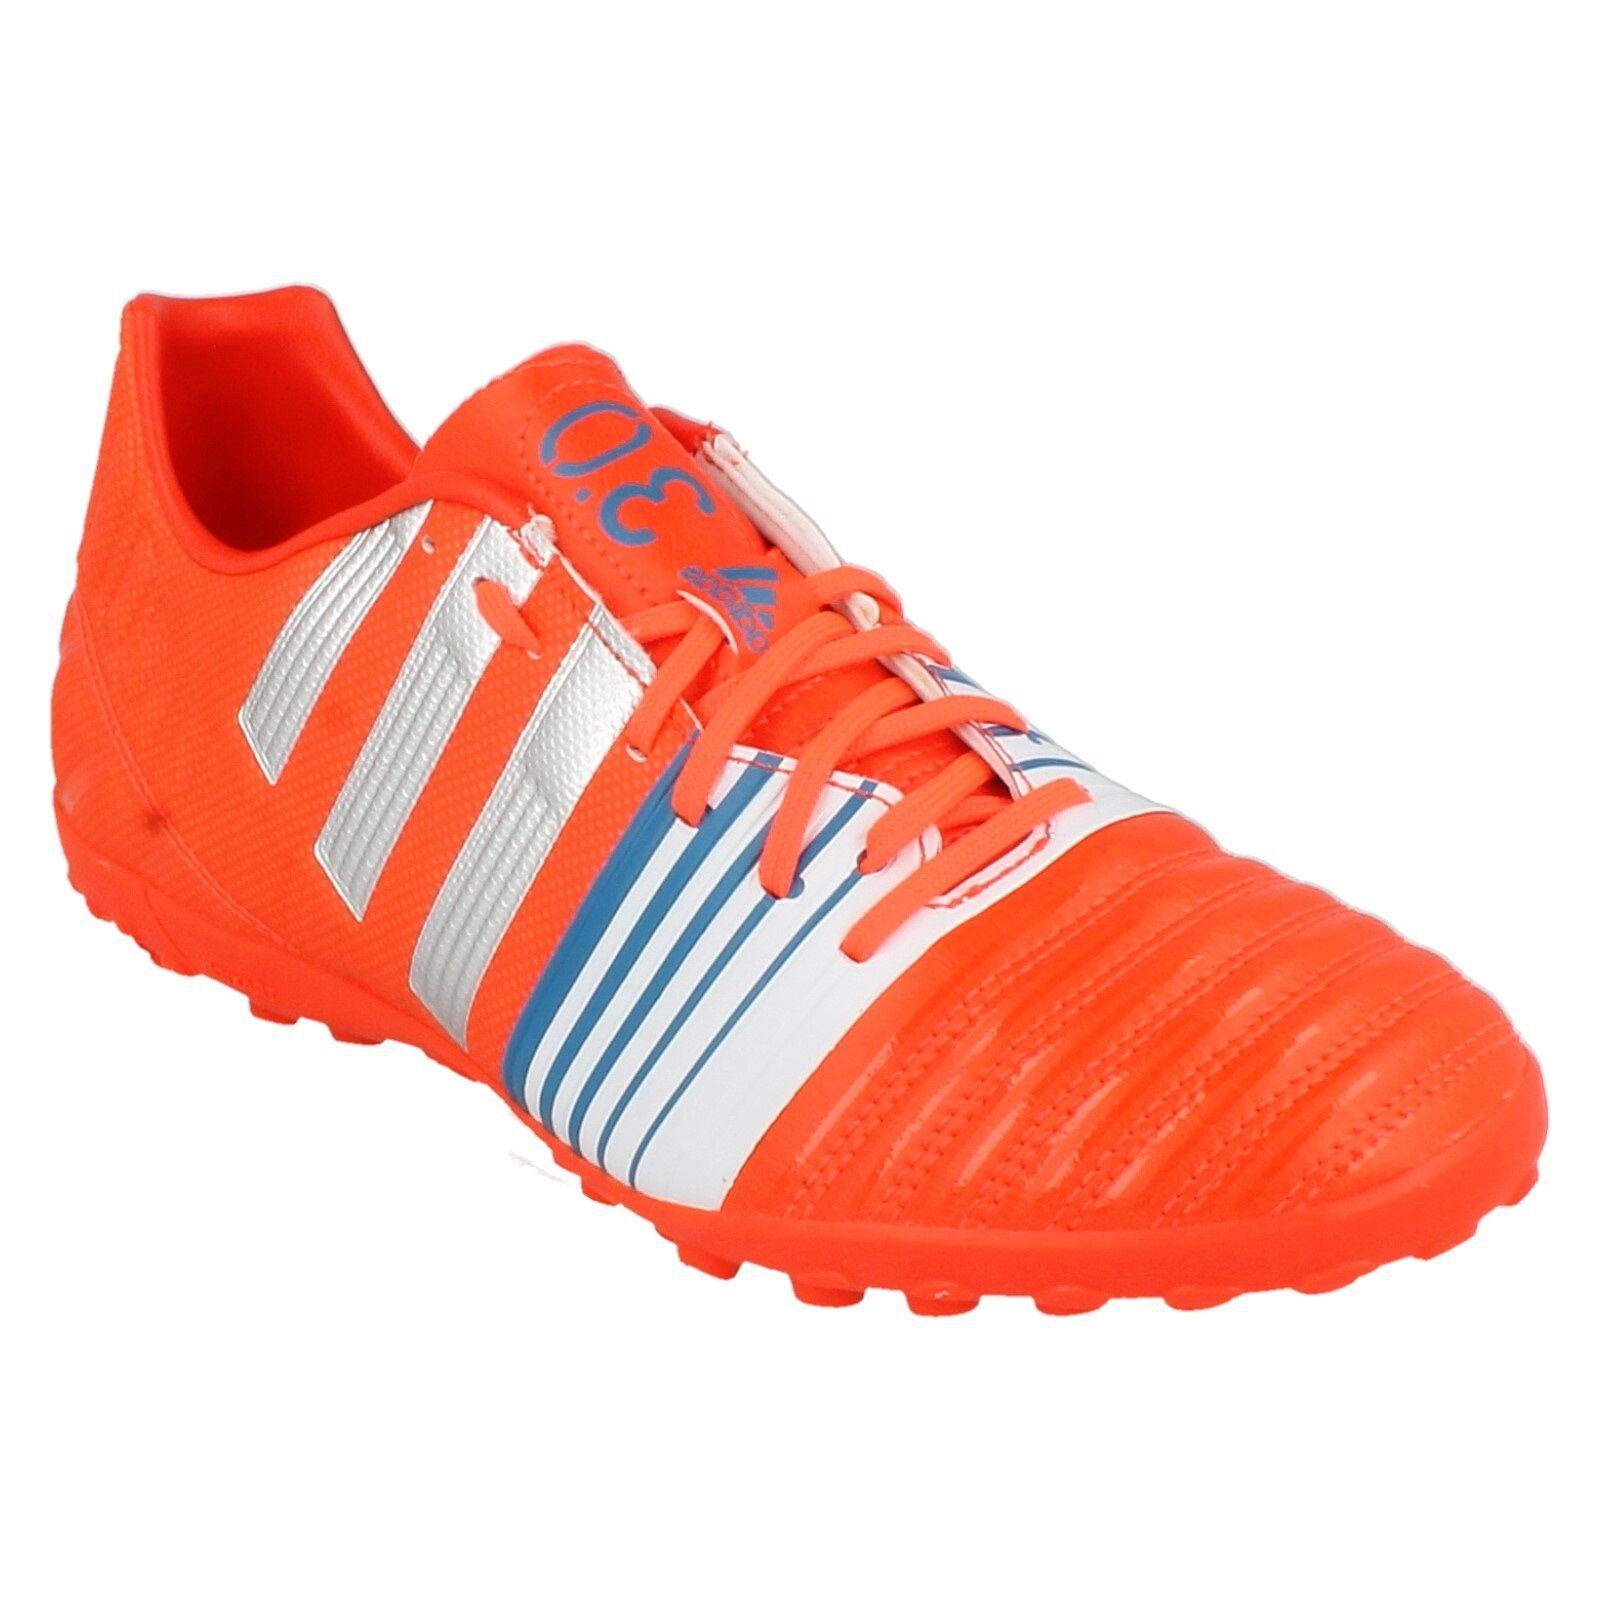 Hombre Nitrocharge 3.0 TF zapatillas naranja cordones fútbol zapatillas TF deportivas Adidas barato y hermoso moda 8df110